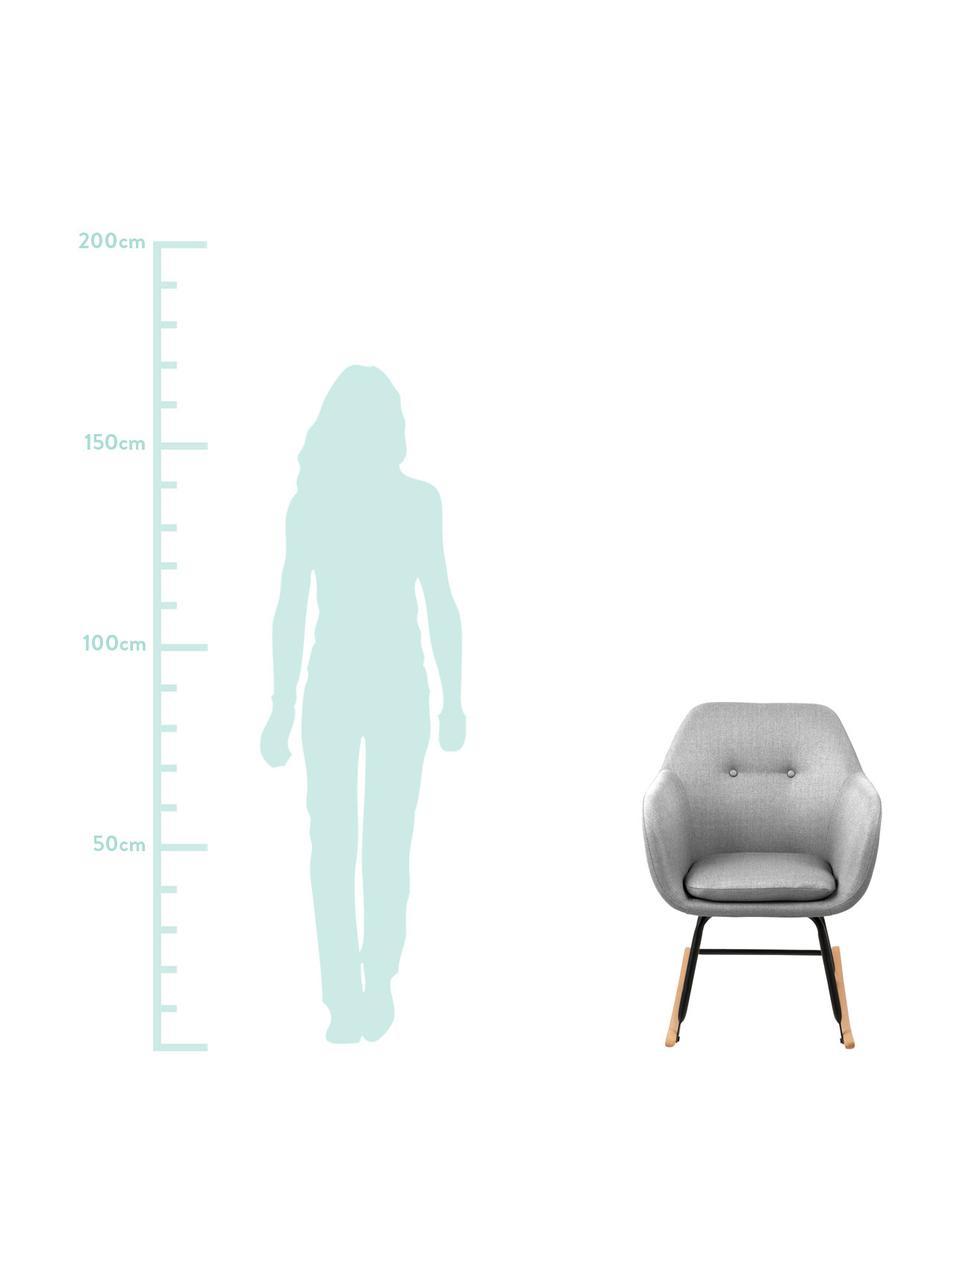 Schommelstoel Emilia, Bekleding: 90% polyester, 8% viscose, Poten: gepoedercoat metaal, Bekleding: lichtgrijs. Poten: zwart. Onderstel: beukenhoutkleurig, 57 x 69 cm